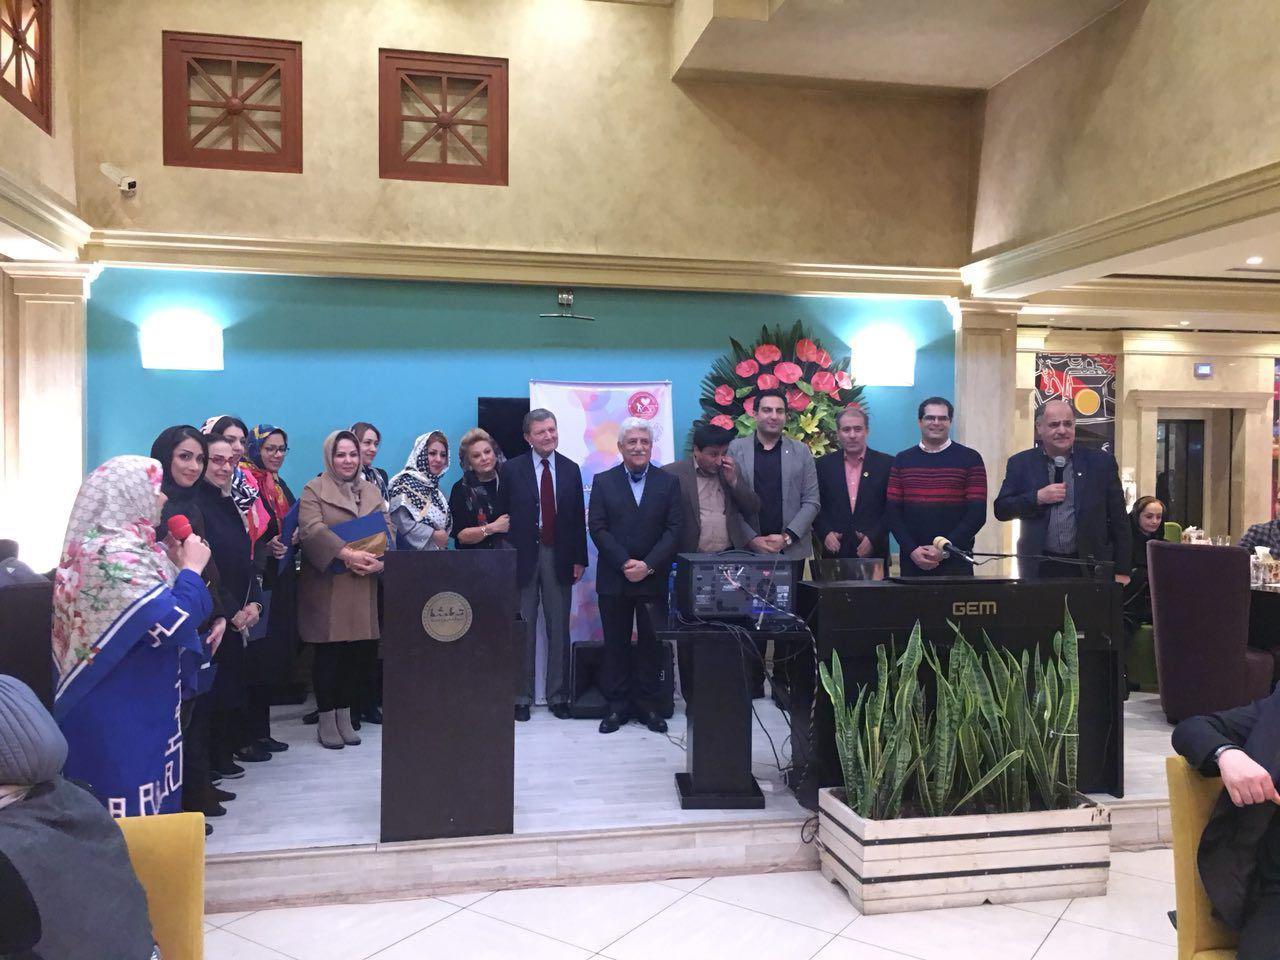 جلیل و تقدیر از پرستاران بیمارستان های امام خمینی (ره)، بیمارستان مفید و درمانگاه جامع هموفیلی ایران